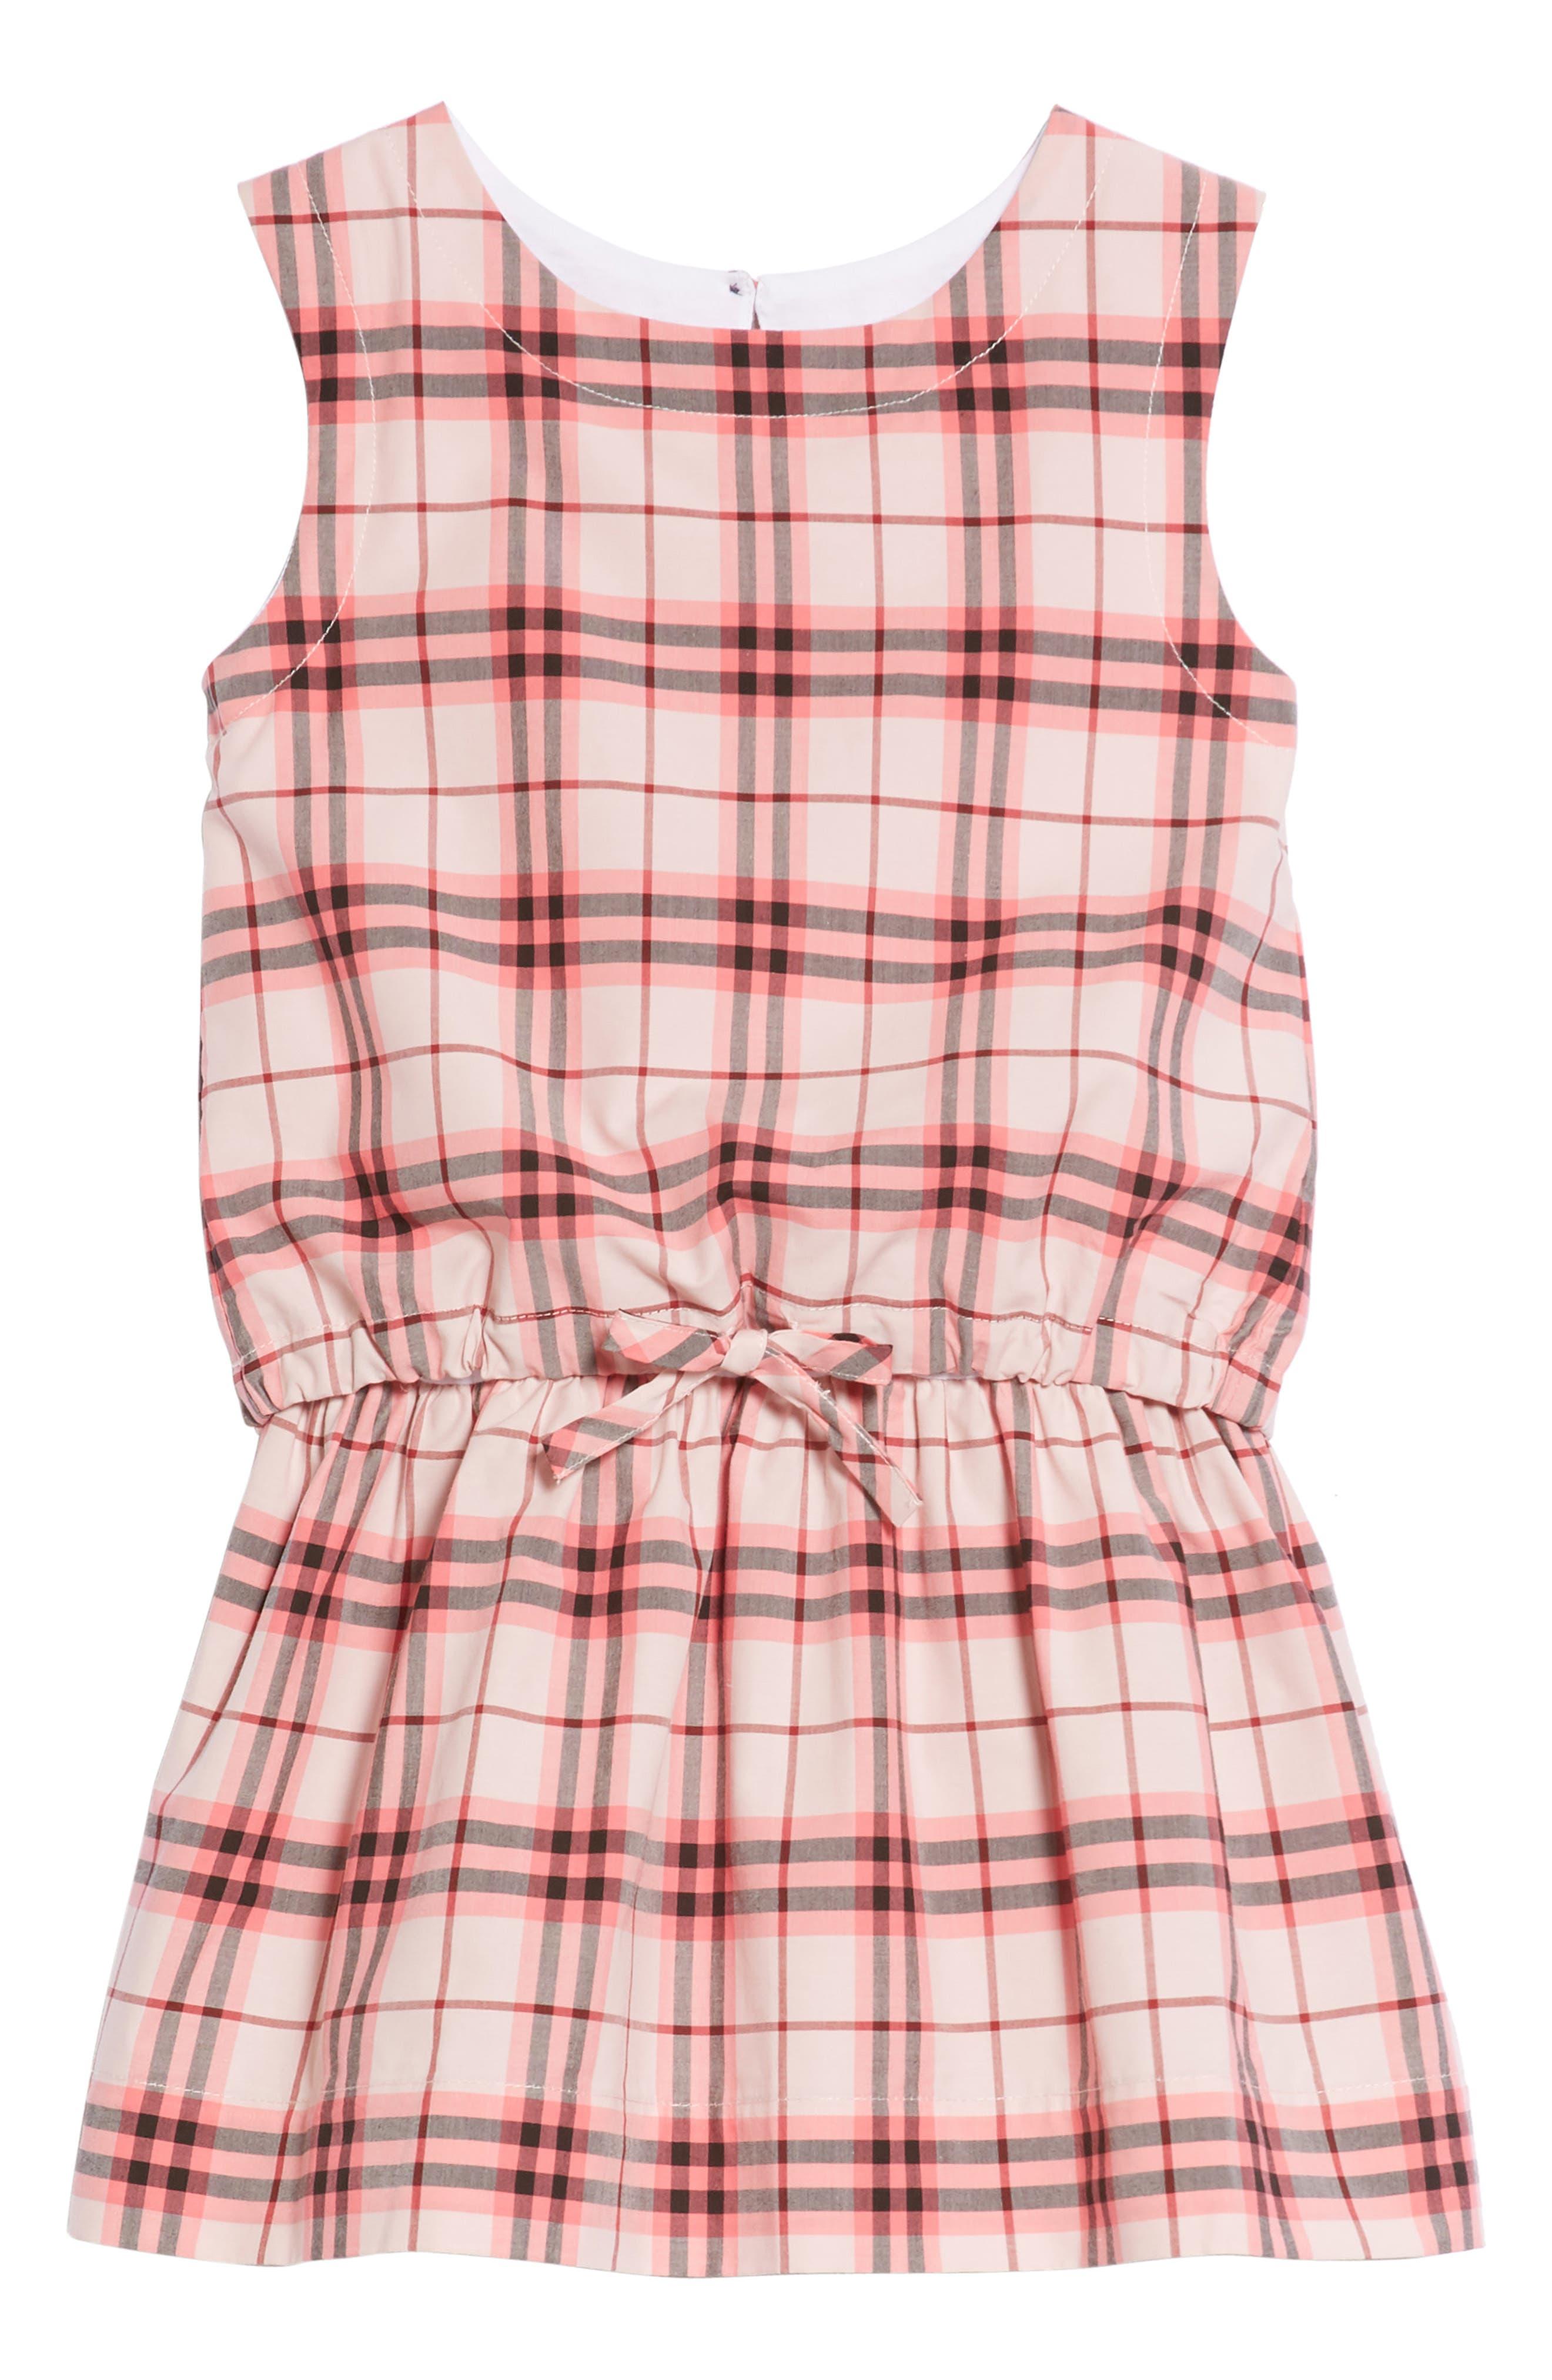 Mabel Check Dress,                             Main thumbnail 1, color,                             Bright Rose